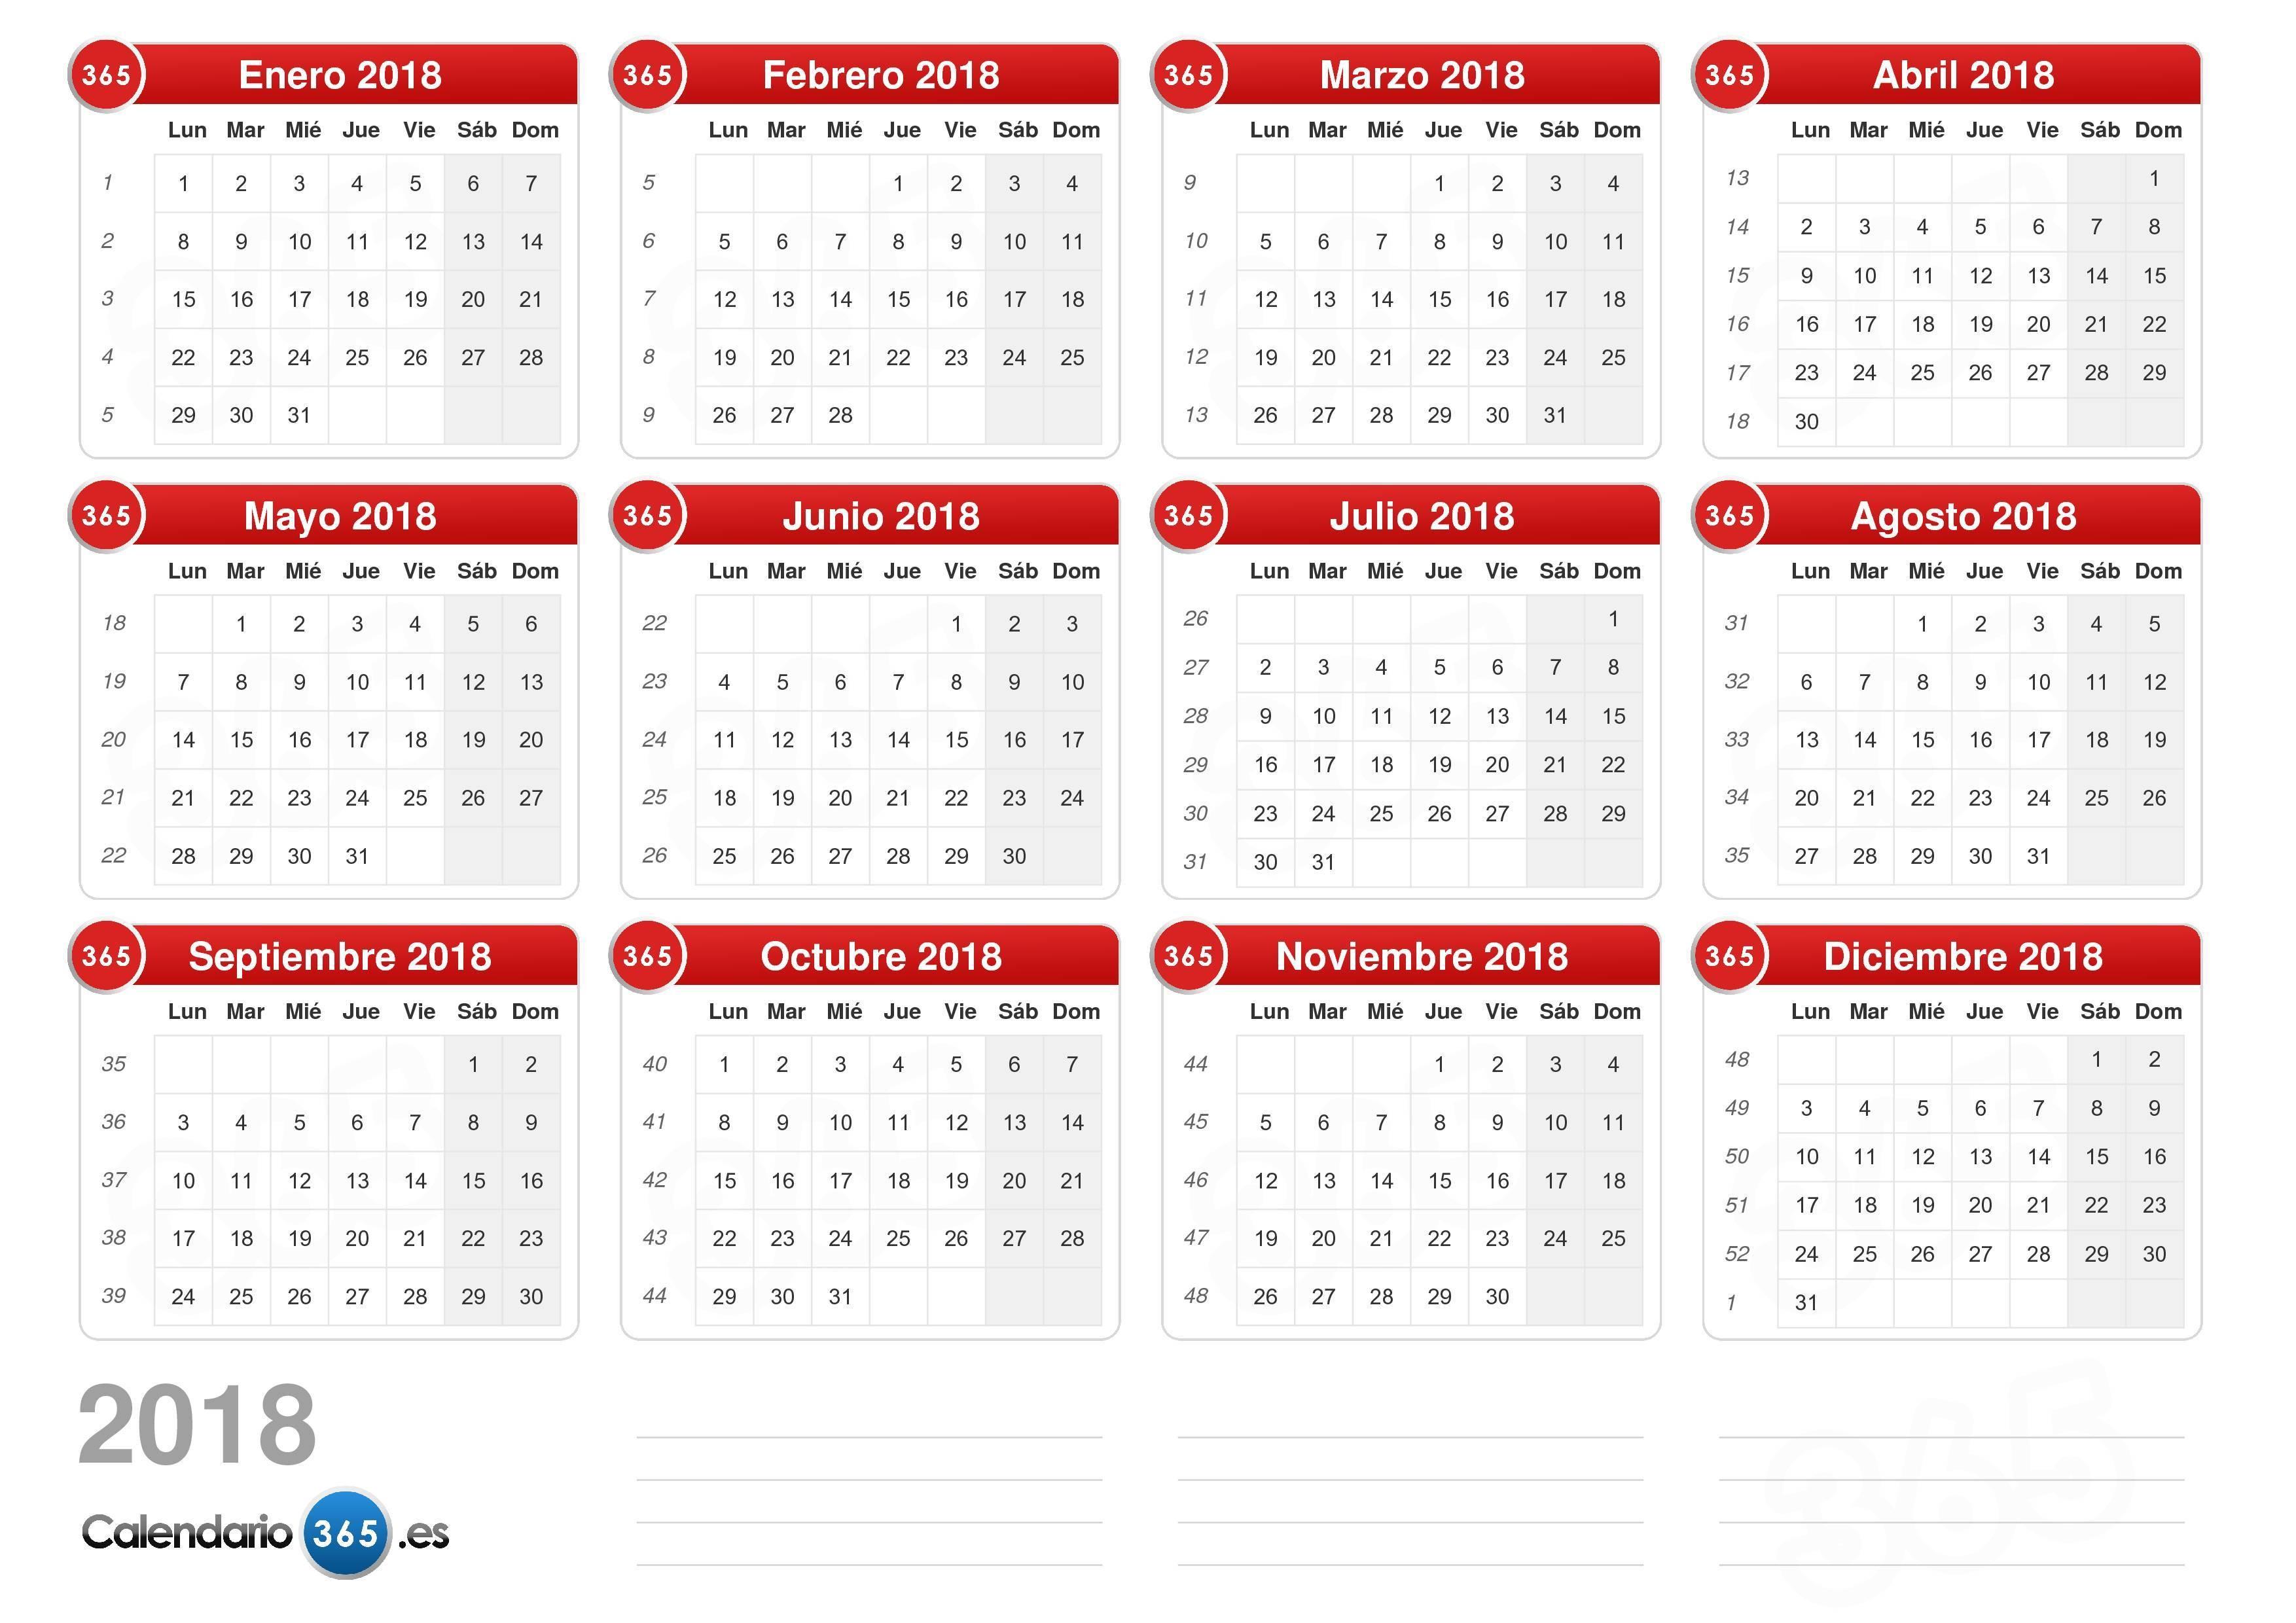 Calendario laboral 2018 plantillas para imprimir y descargar